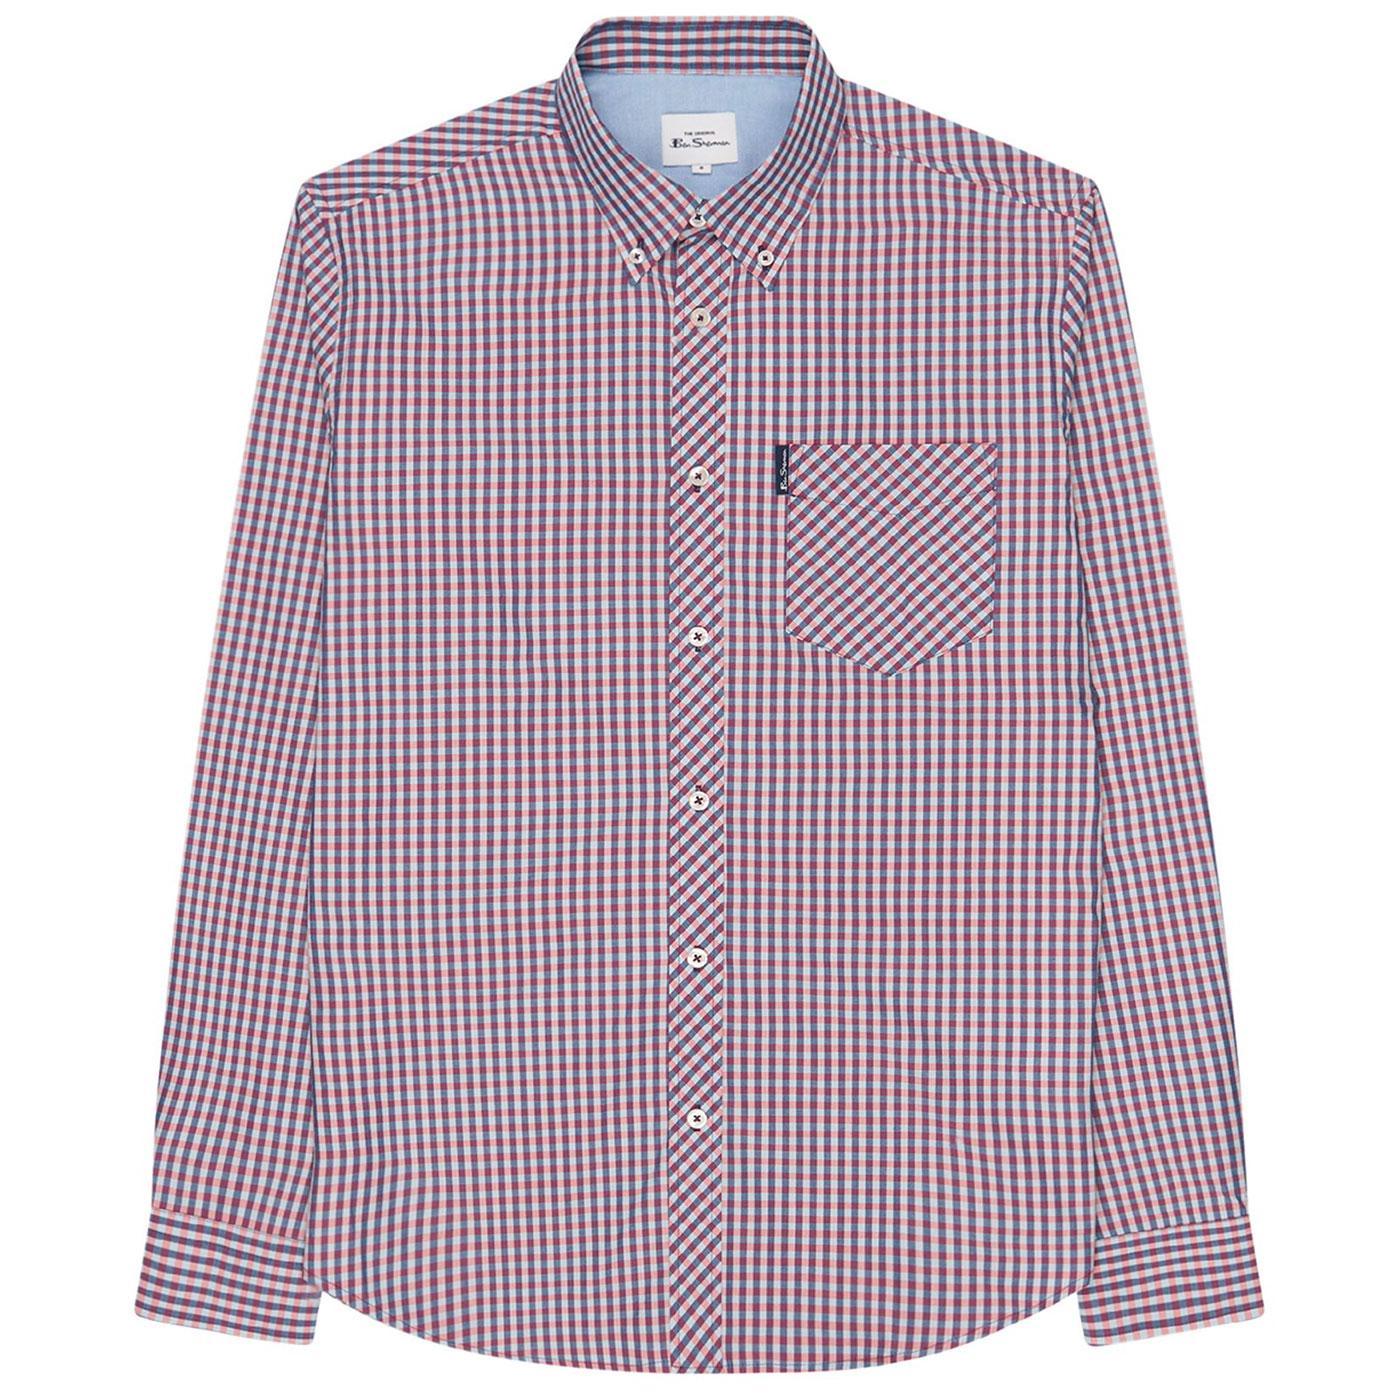 BEN SHERMAN Classic Mod LS Gingham Shirt (Mango)